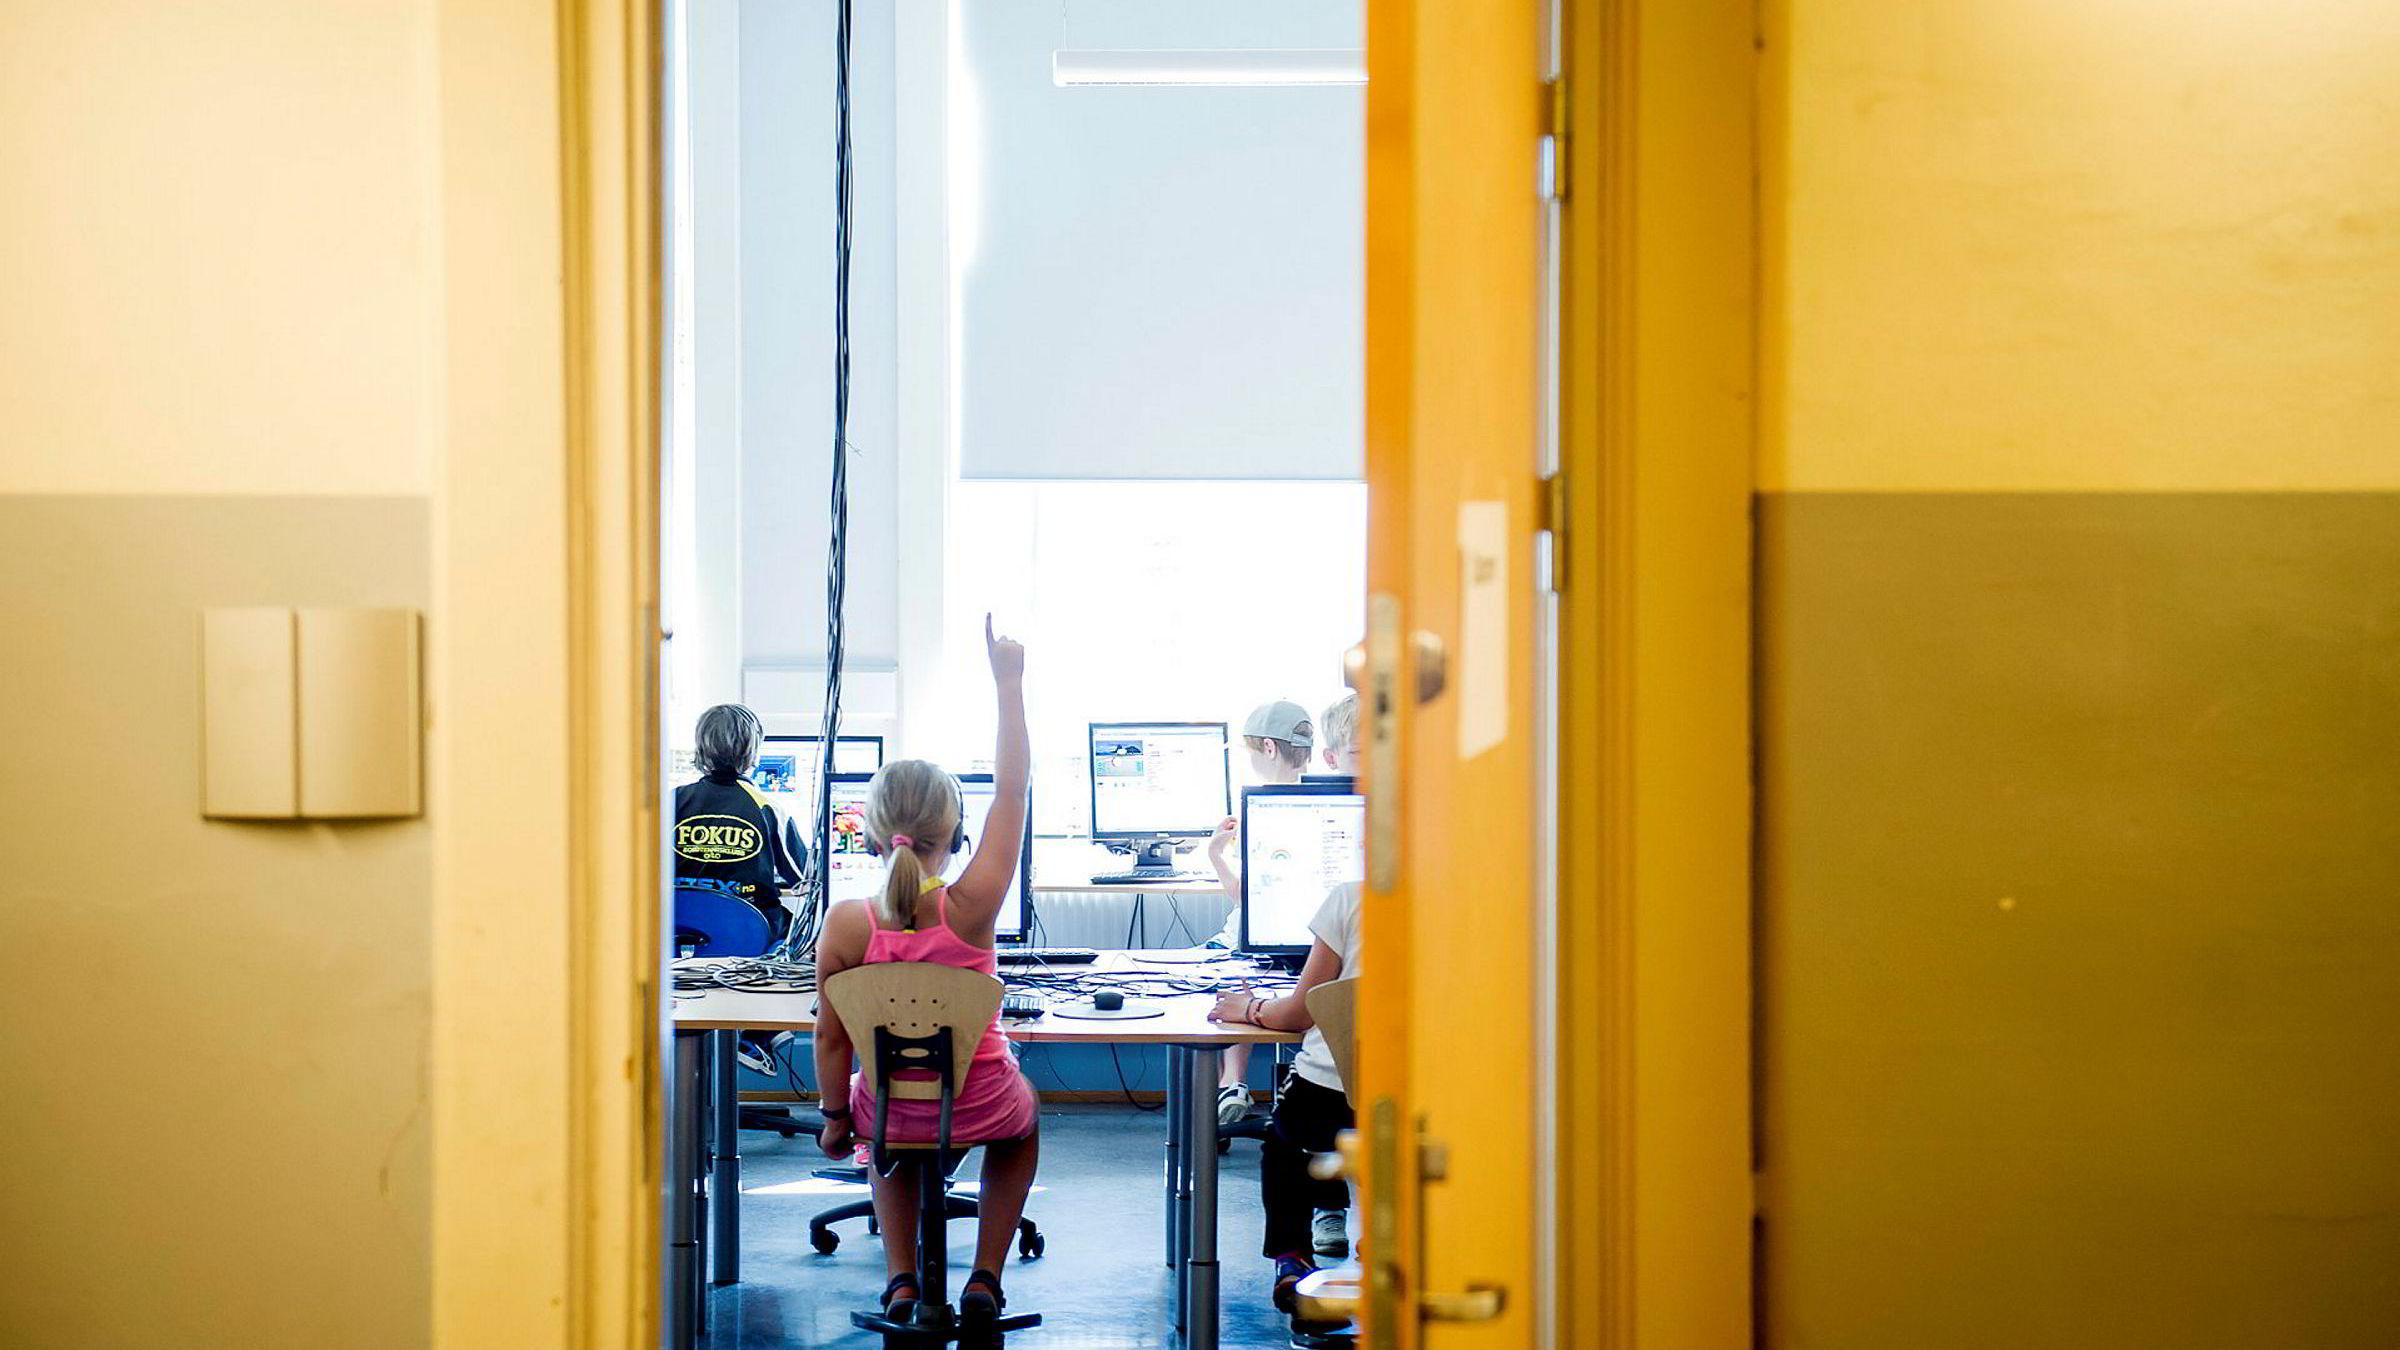 Norge ligger etter sammenlignet med resten av Europa når det gjelder koding i skolen. Her Sommerskolens kodekurs for 3. og 4. klasse på Kampen skole.